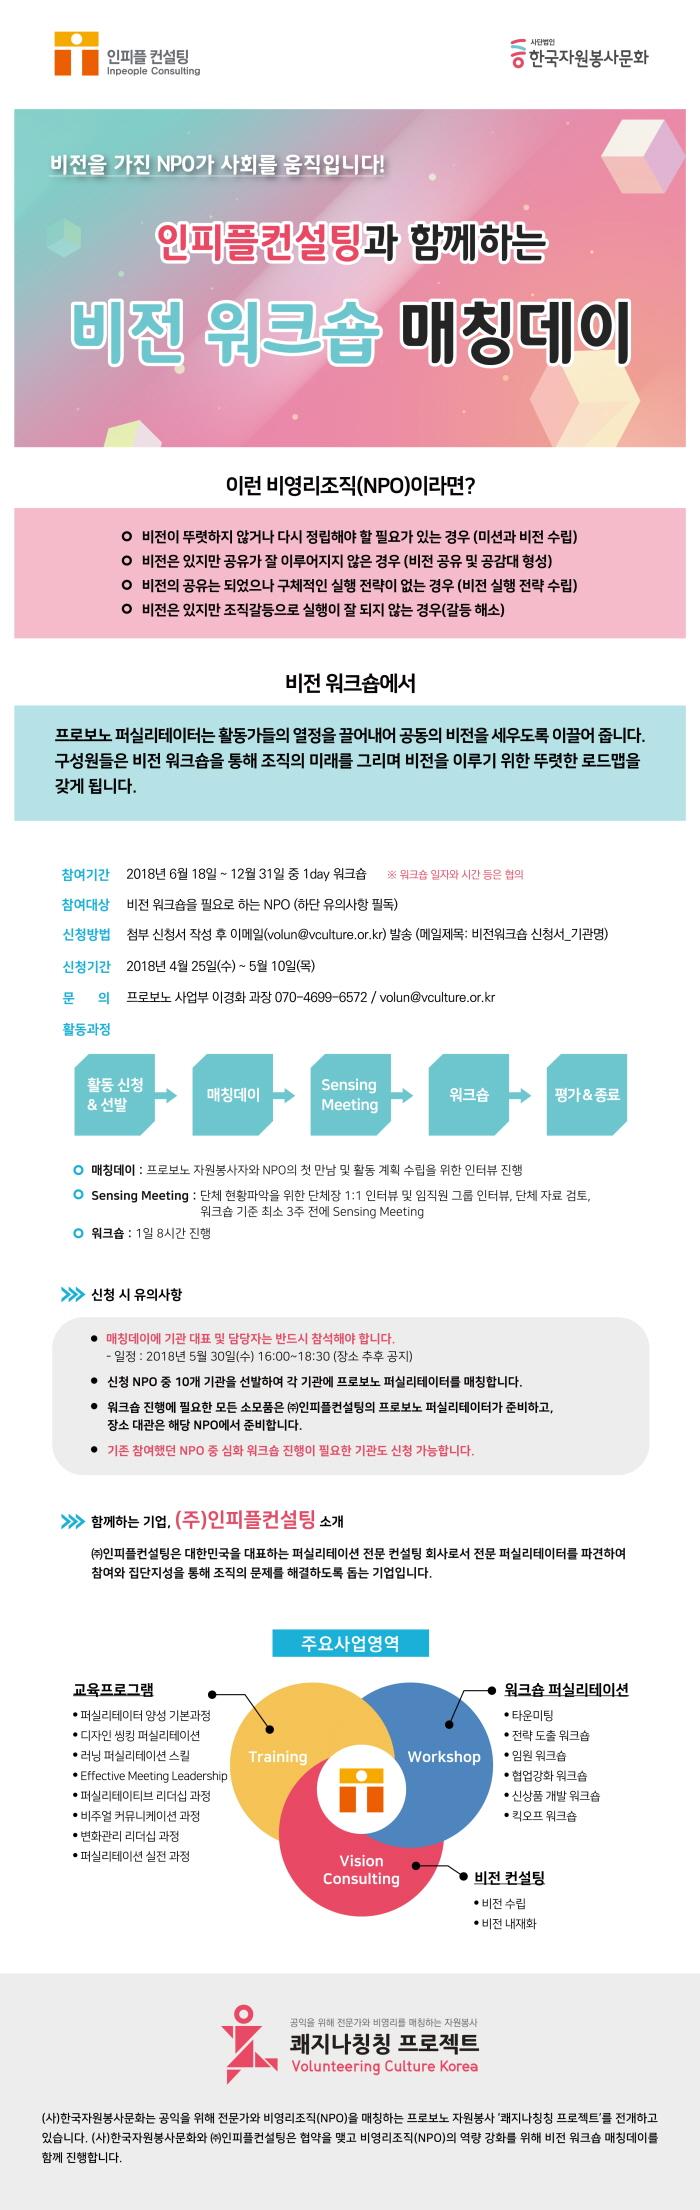 #700_2018 비전워크숍 모집안내문_(사)한국자원봉사문화